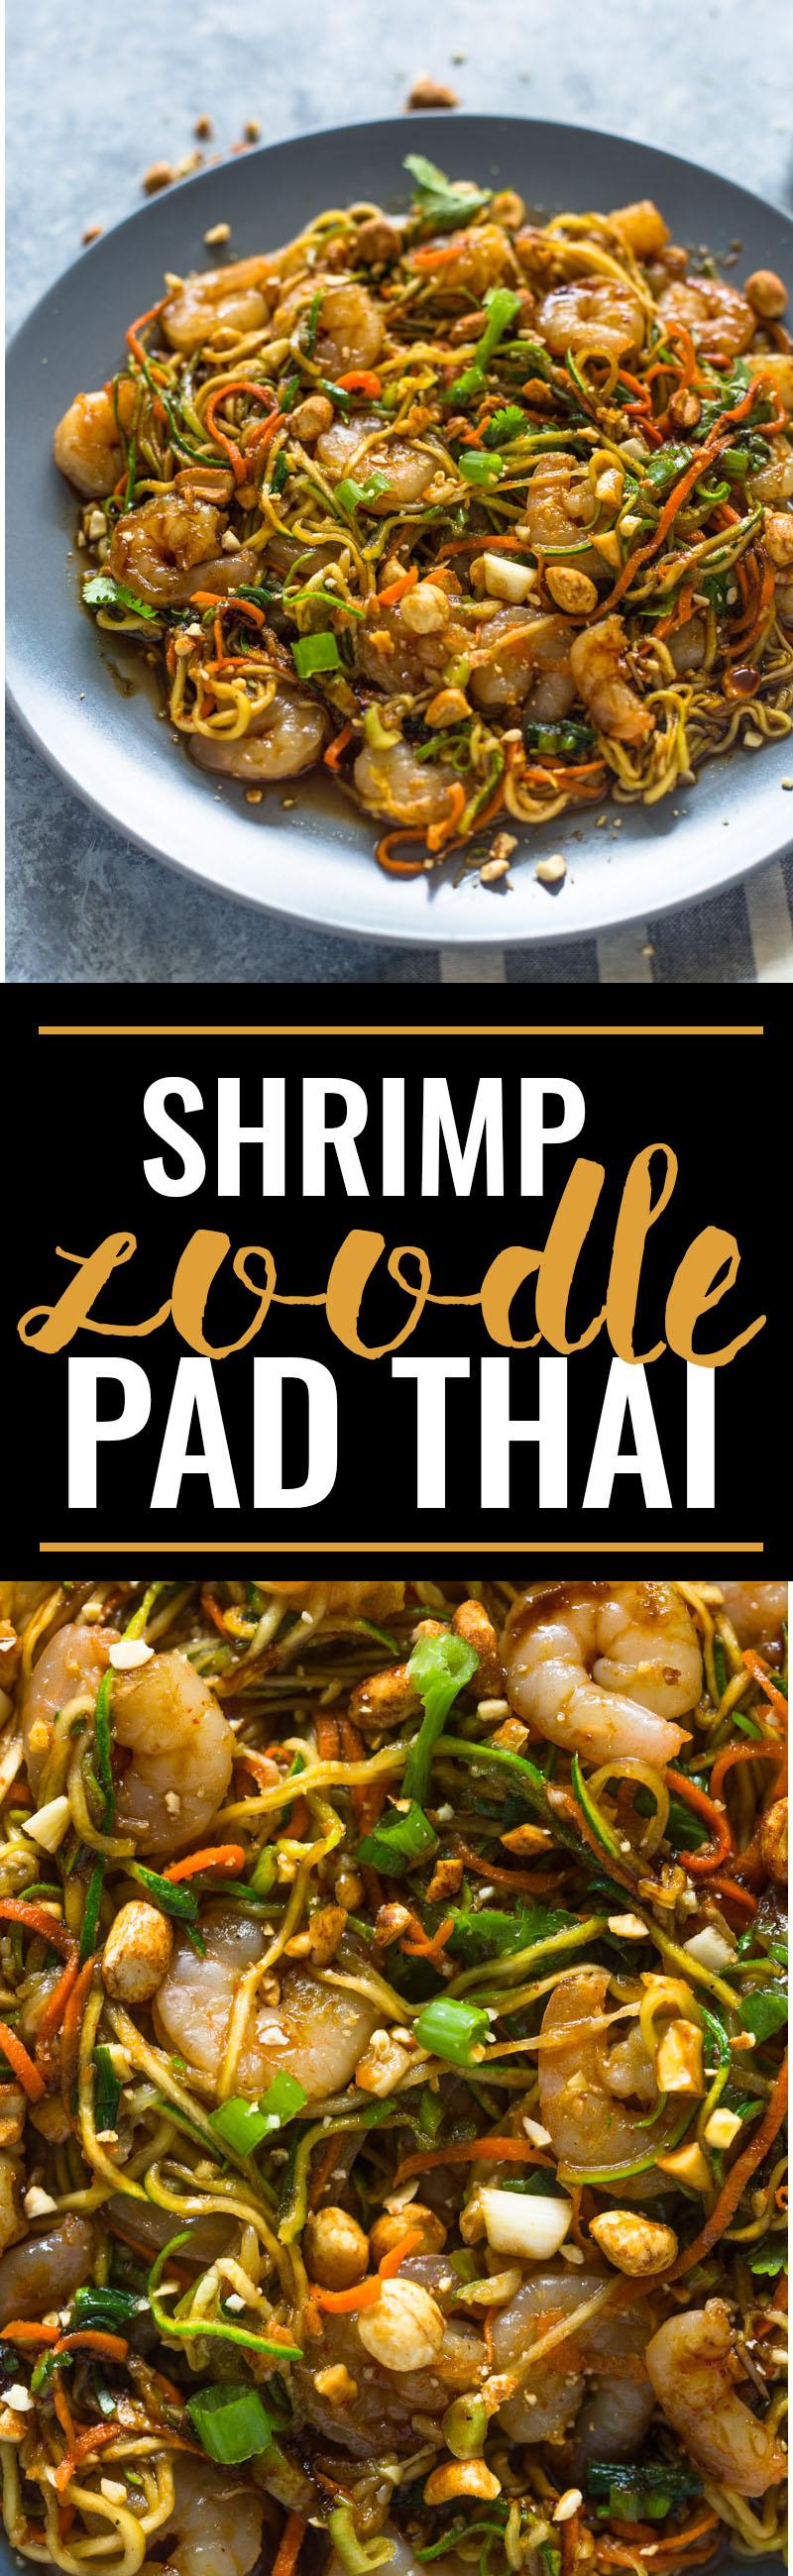 10 Minute Low-Carb Shrimp Zoodle Pad Thai